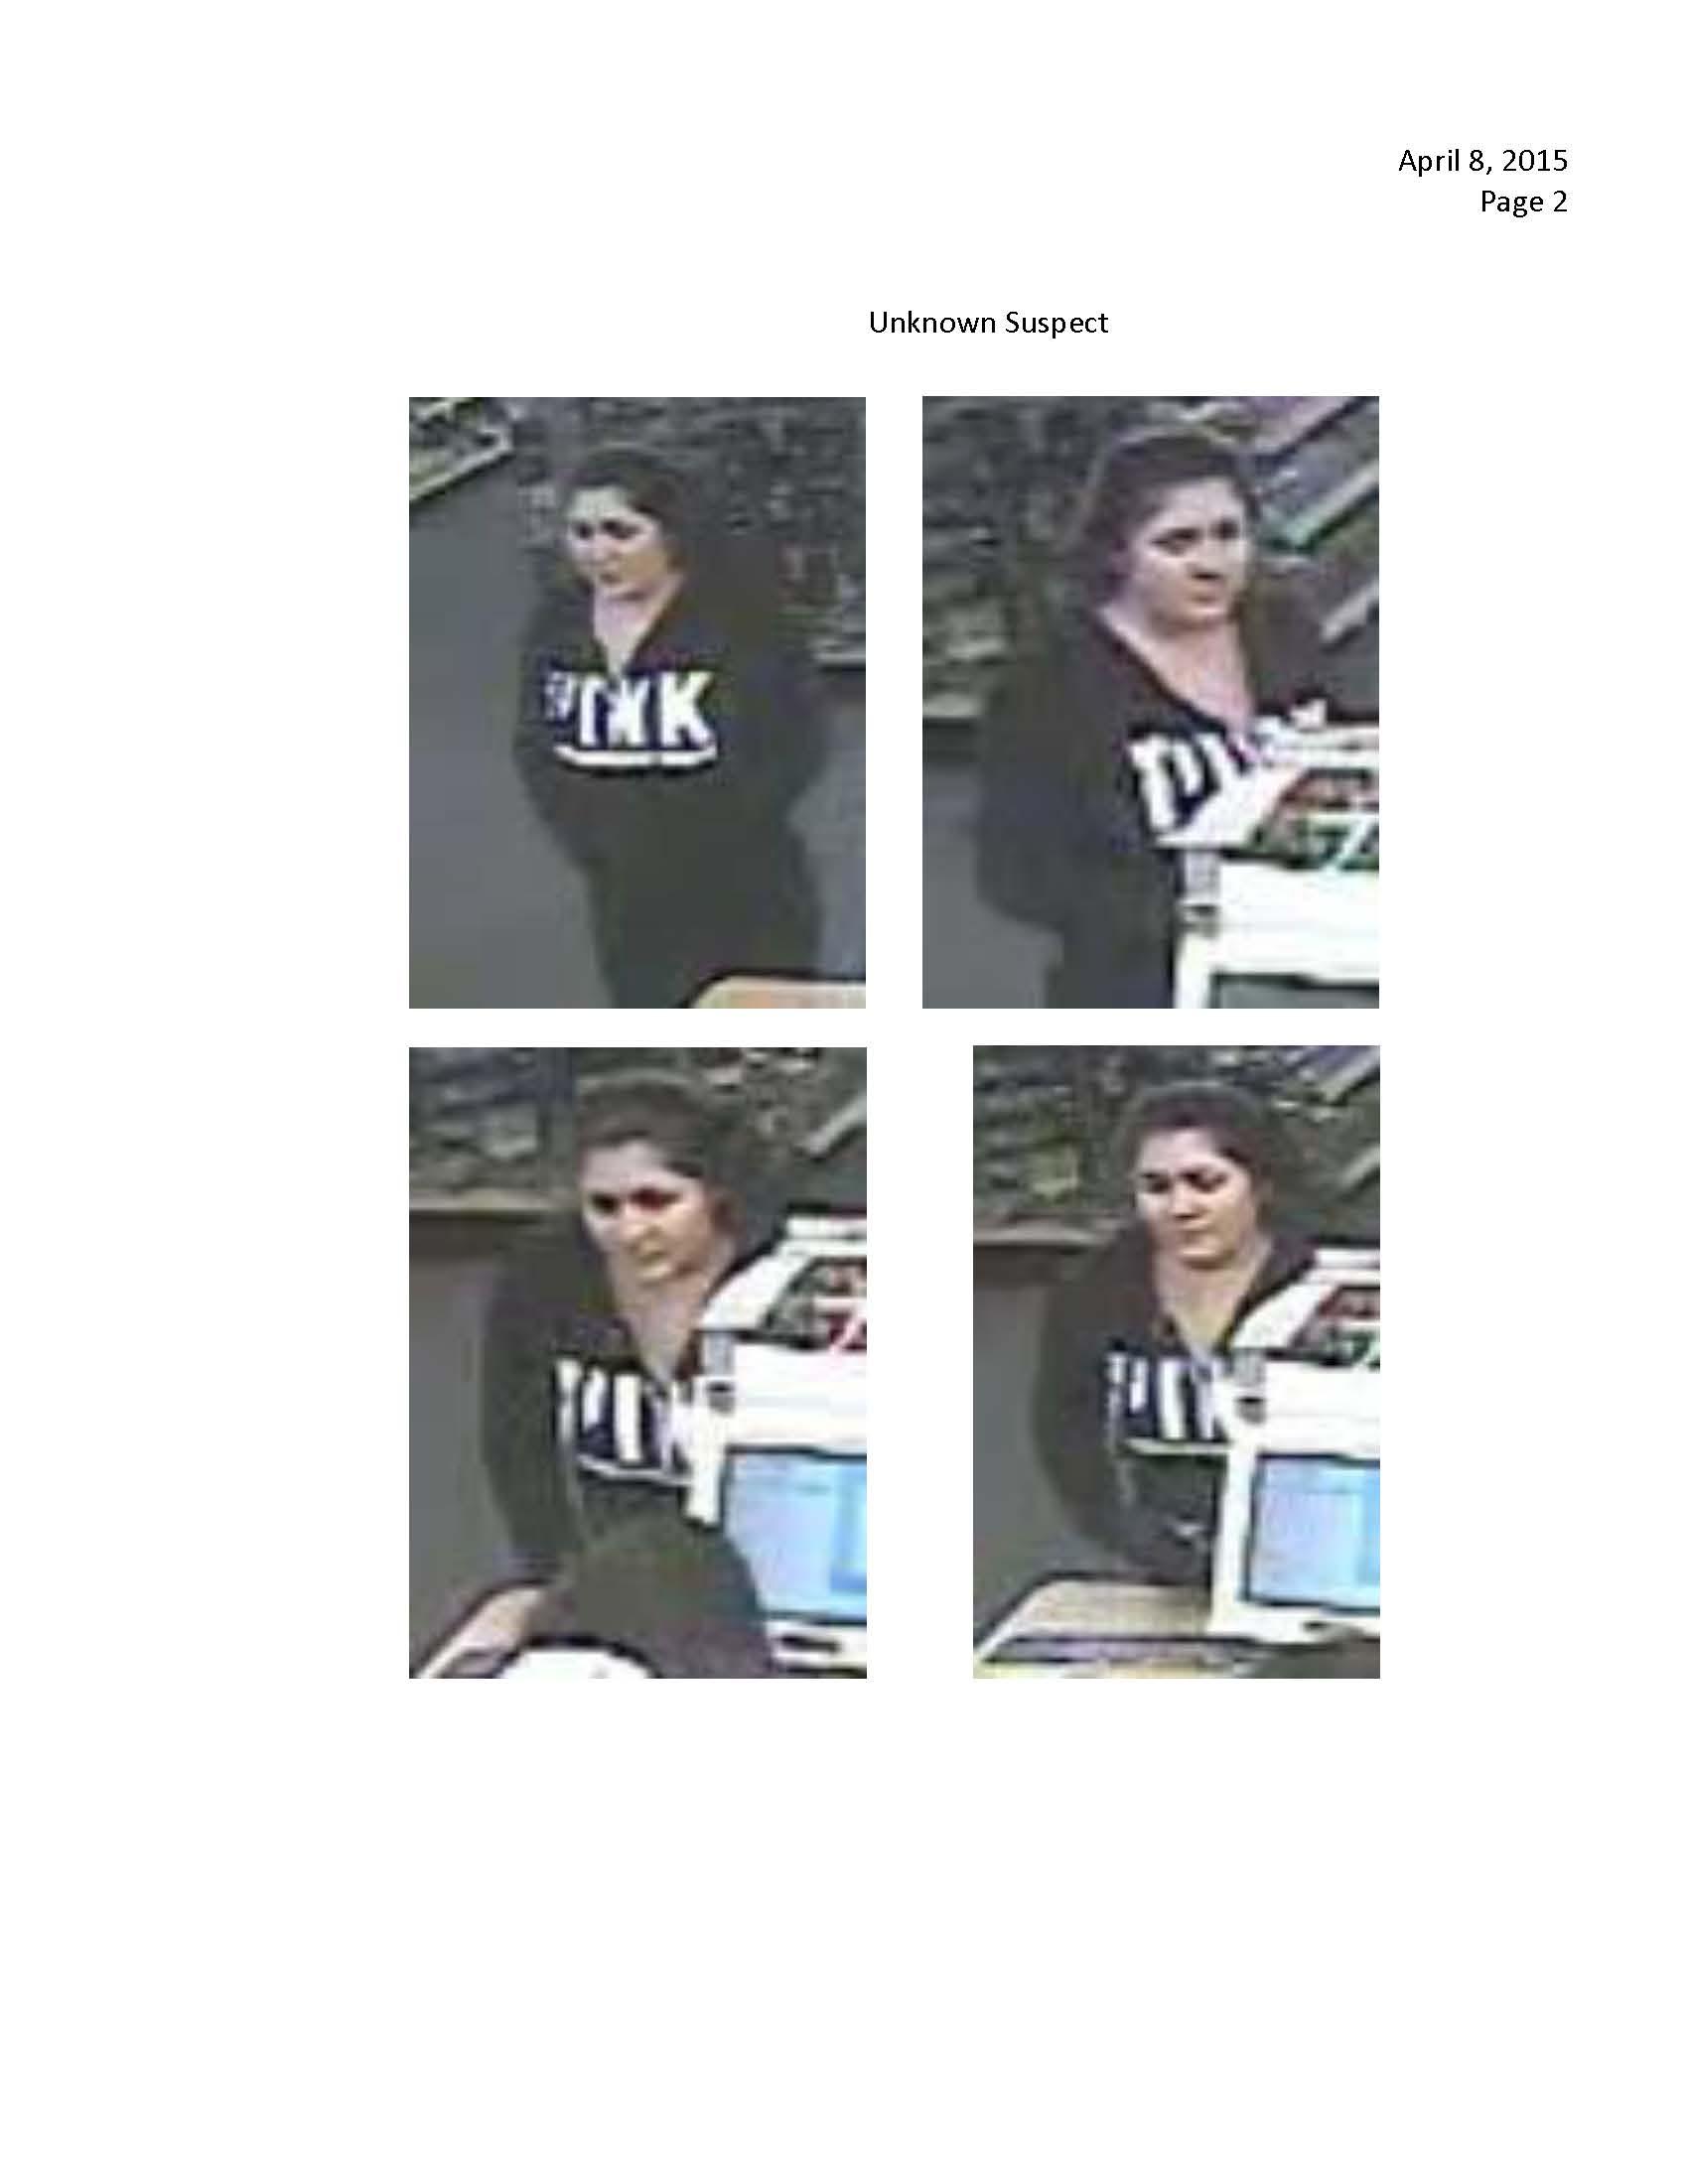 040815 Santee CVS Robbery_Page_2